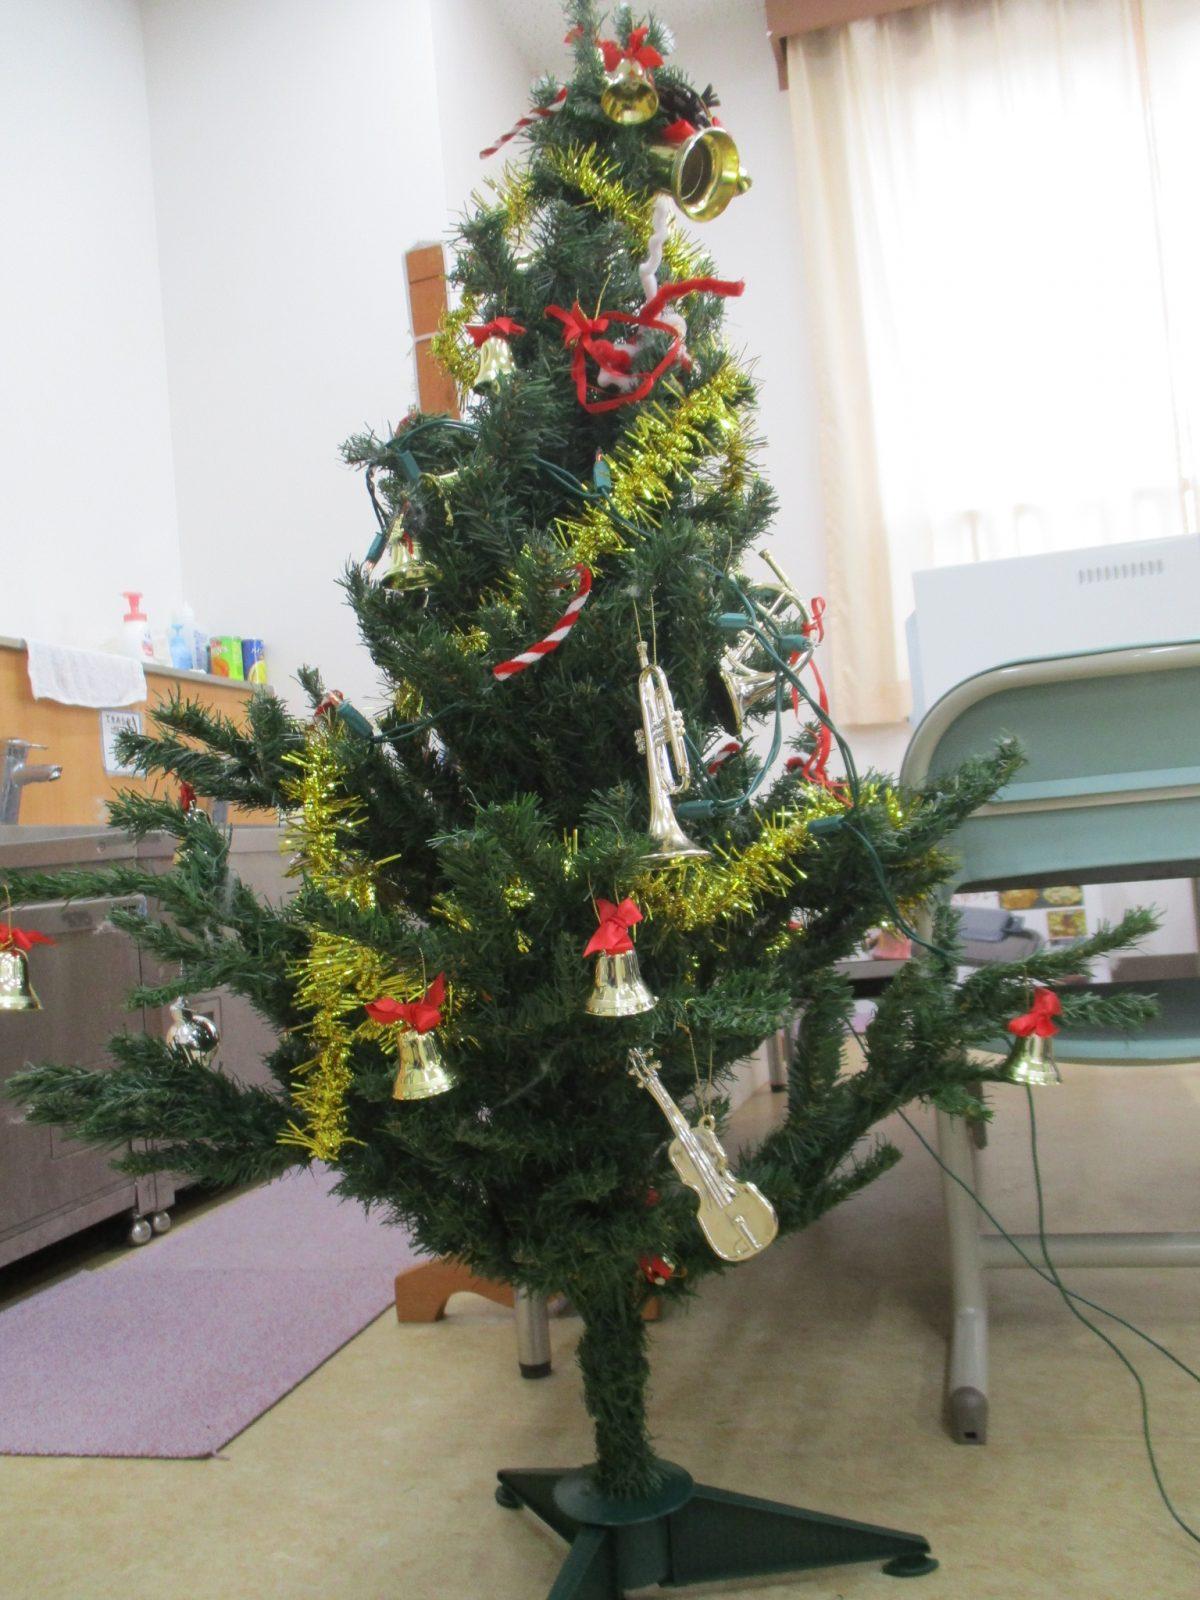 ドキドキ・ワクワク クリスマス会! 未来図 放課後等デイサービス